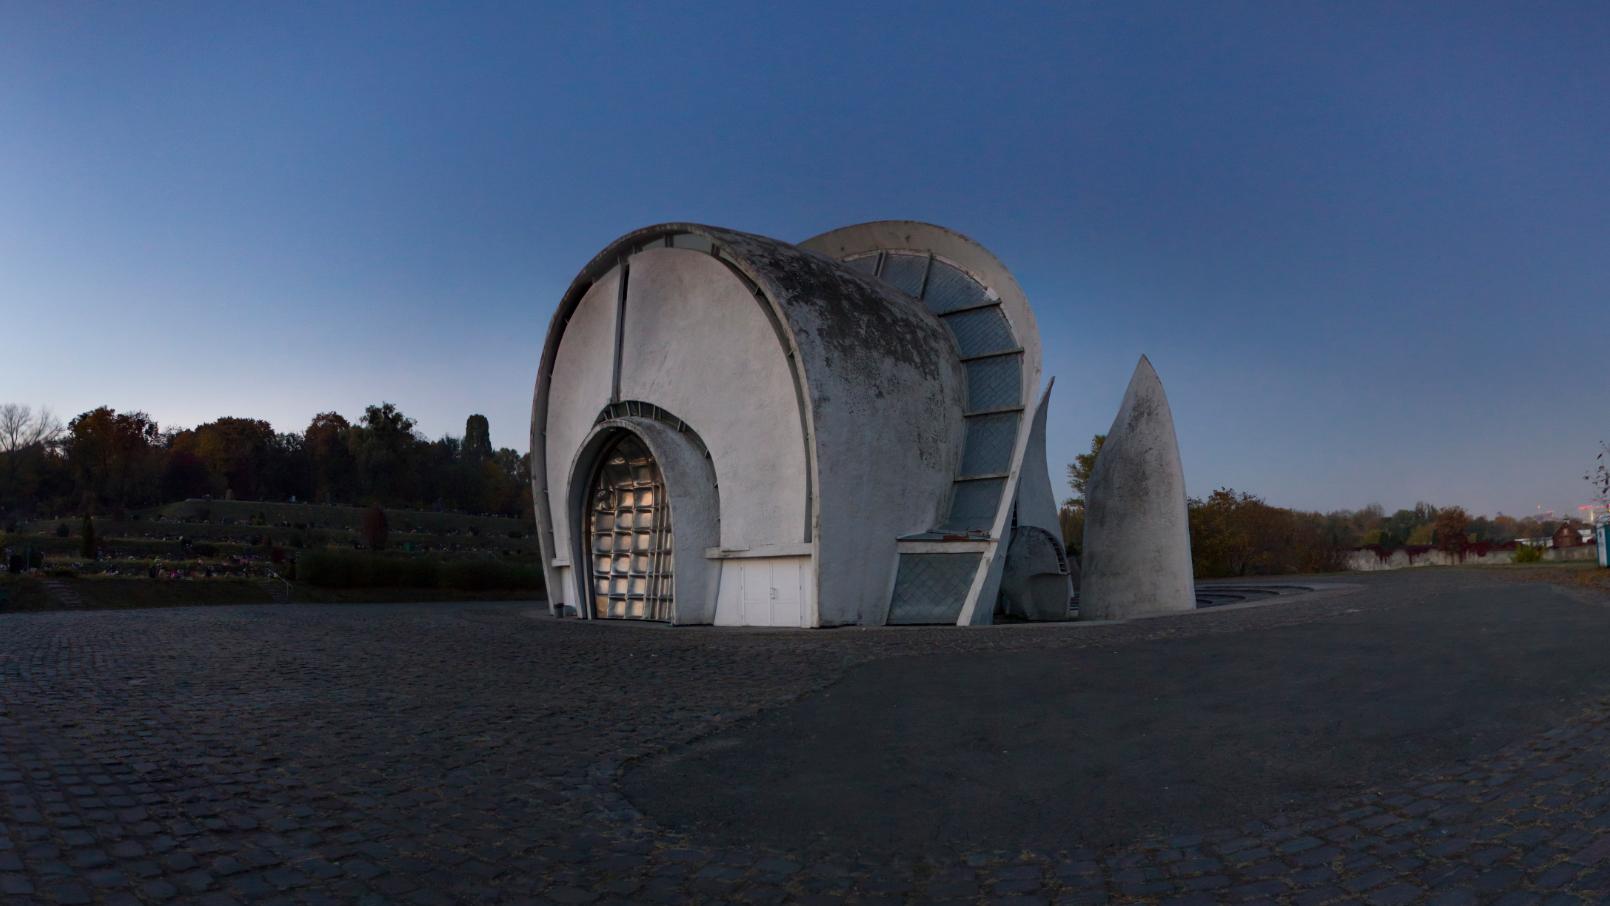 В Киеве девять зданий получили статус объектов культурного наследия. Среди них — залы крематория